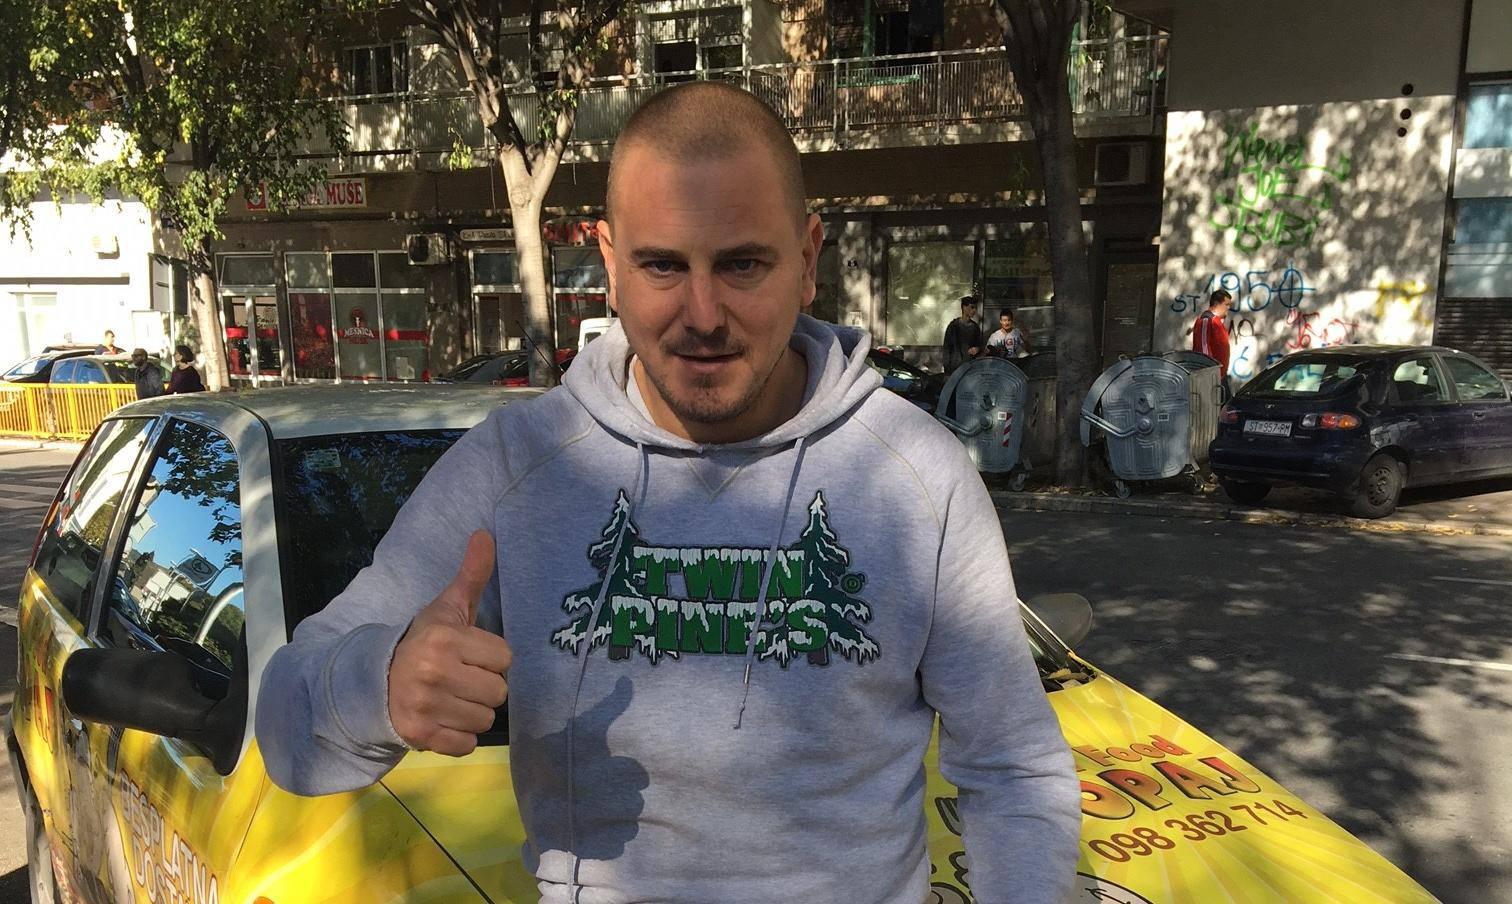 Pobjednik BB-a Žorž dostavlja pizze: Ništa nije sramota raditi